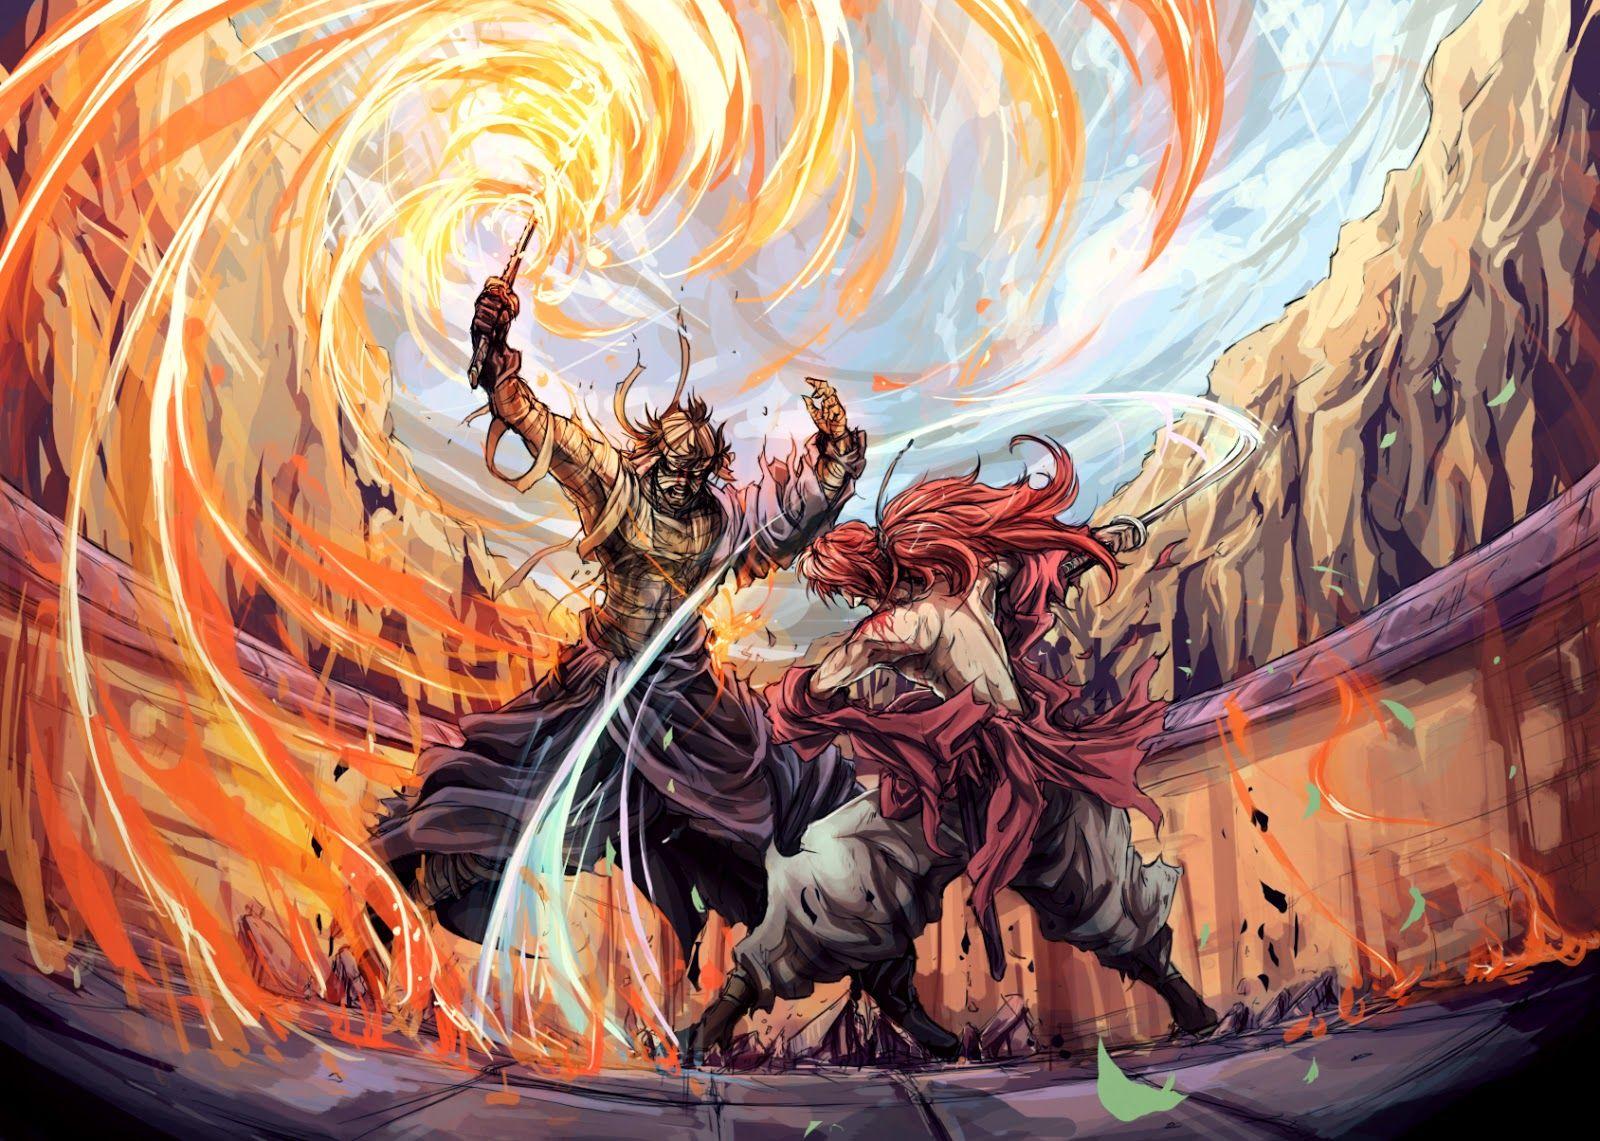 10 Rurouni Kenshin Fan Art to Get You Ready for The Legend